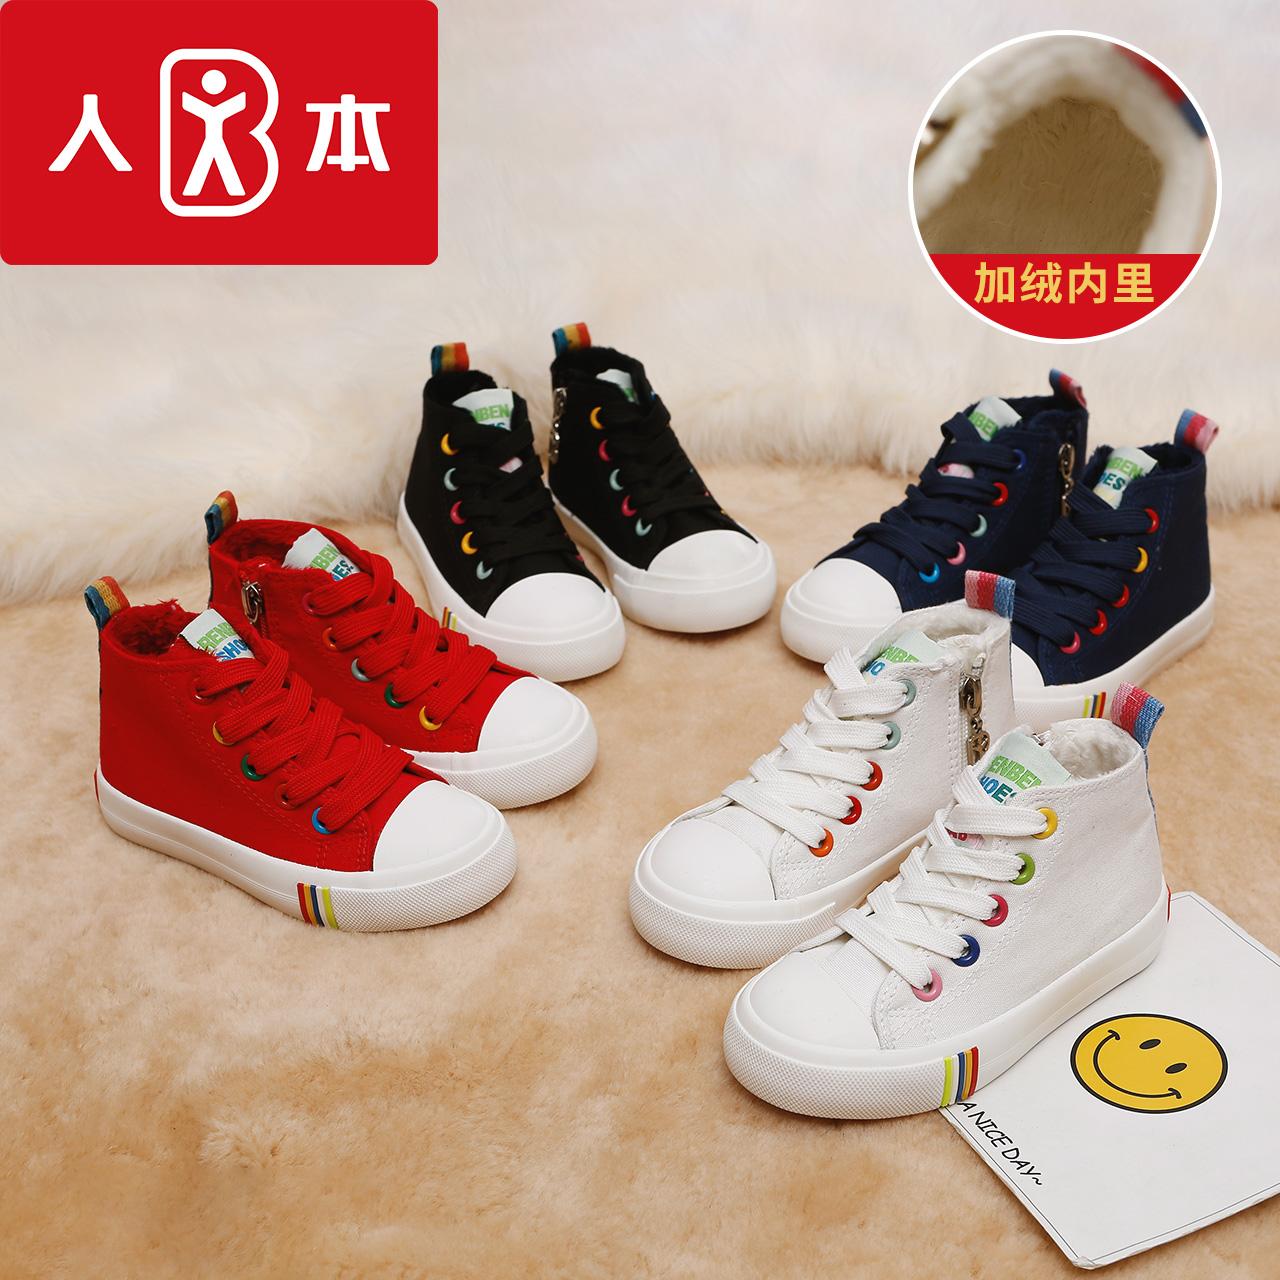 人本帆布鞋童鞋儿童加绒冬鞋保暖女童鞋子韩版百搭男童秋冬季棉鞋